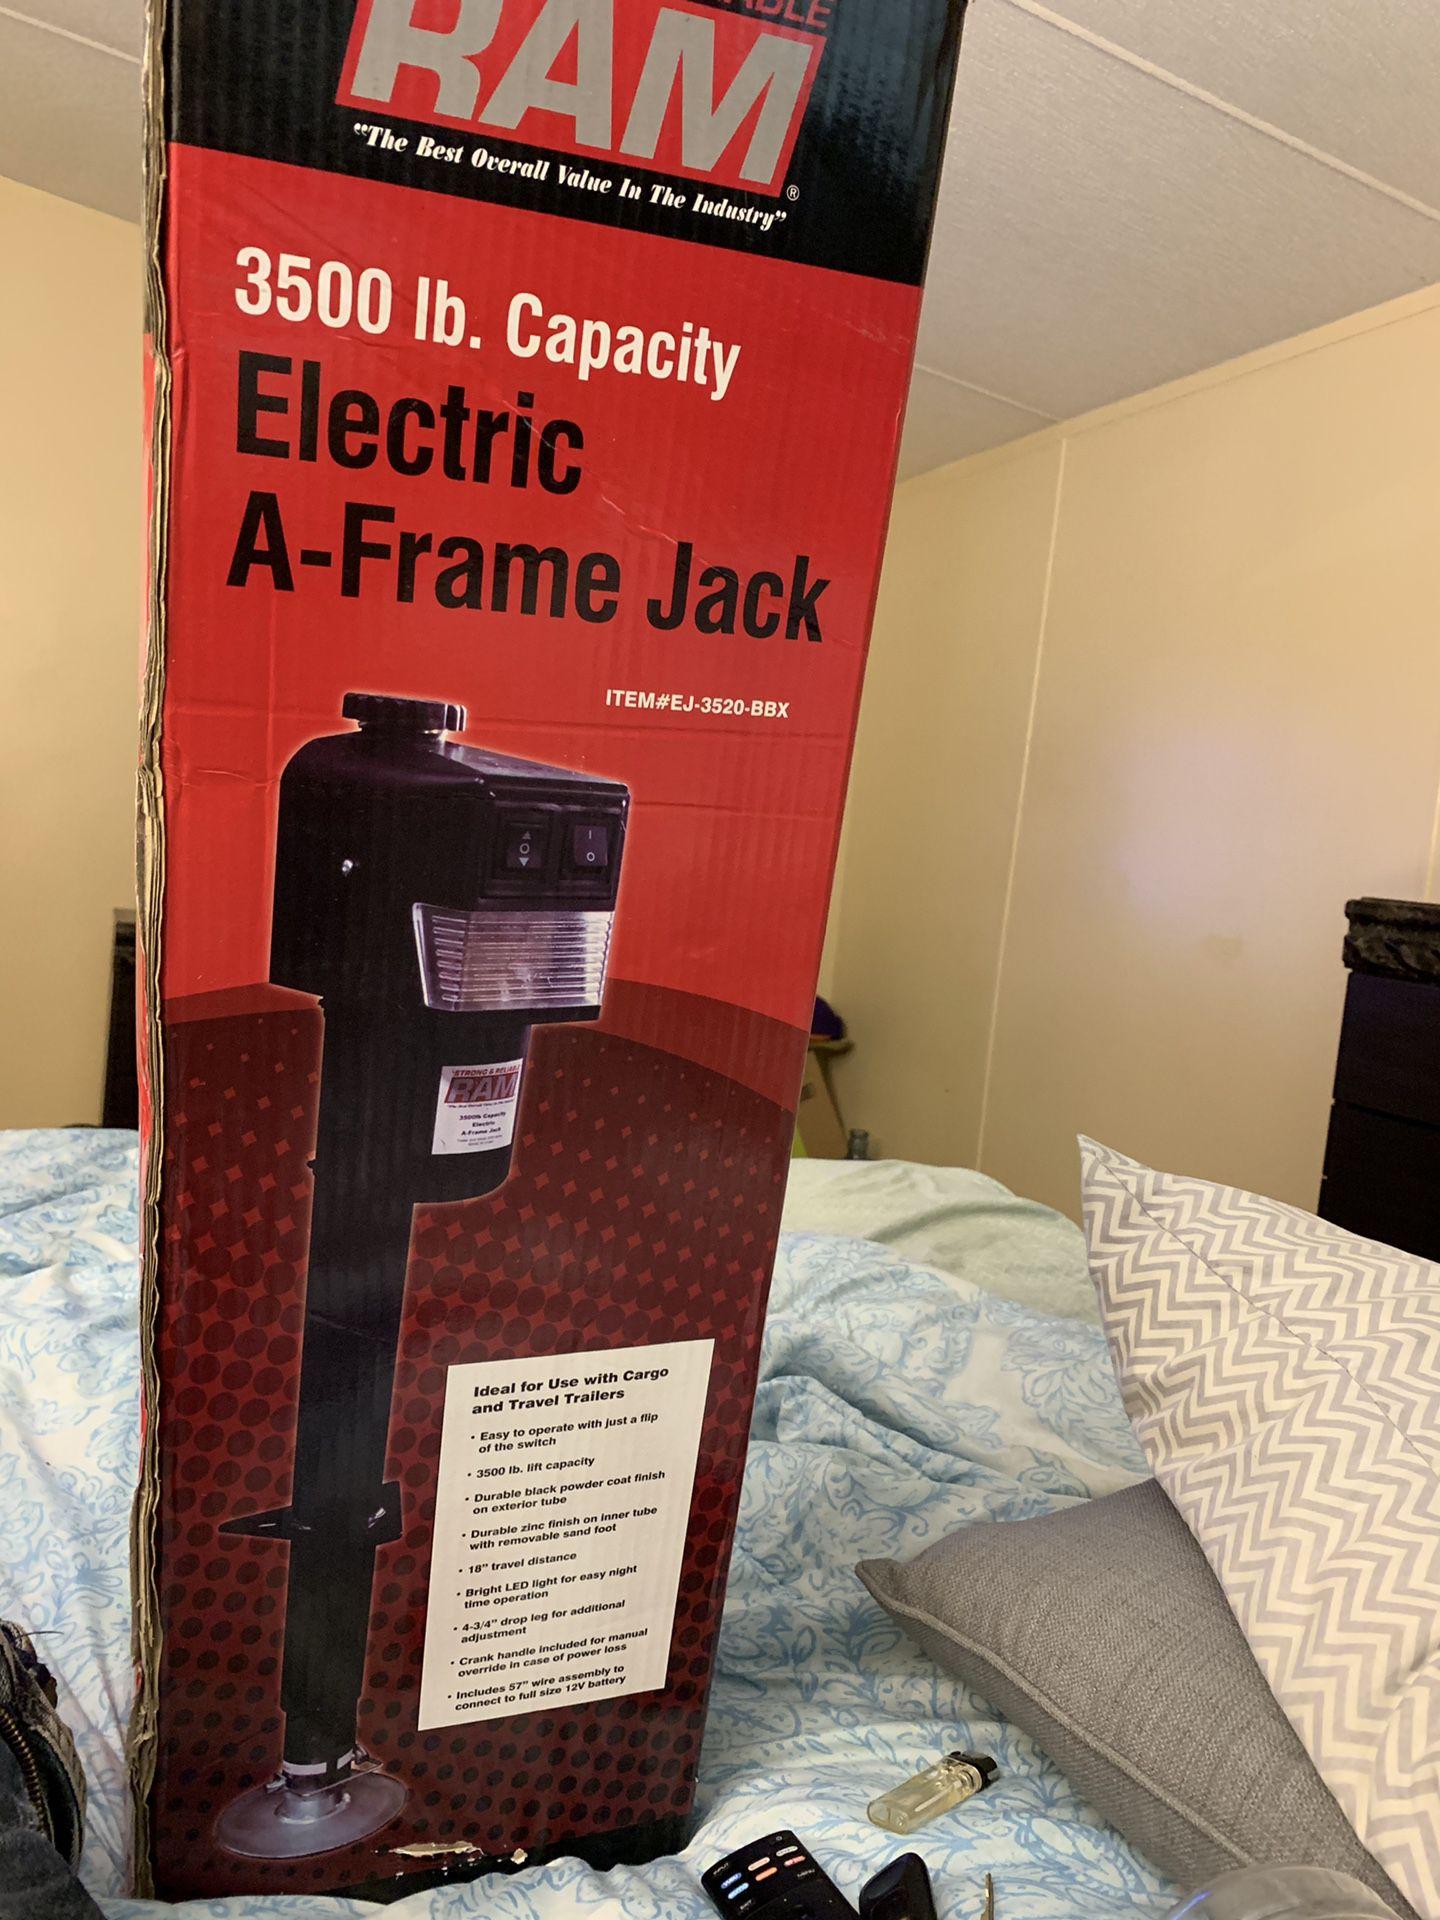 TRAILER: A-Frame Jack 3500 lbs Capacity